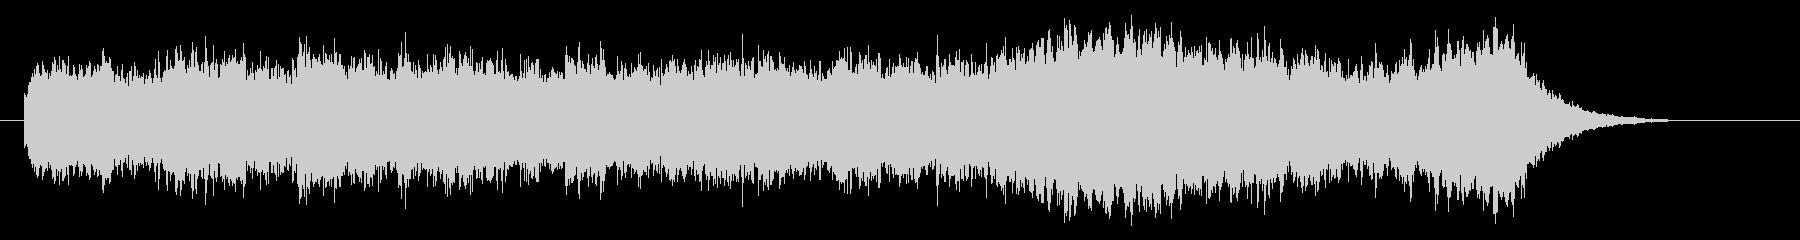 前向きな音色のシンセが特徴的なジングルの未再生の波形